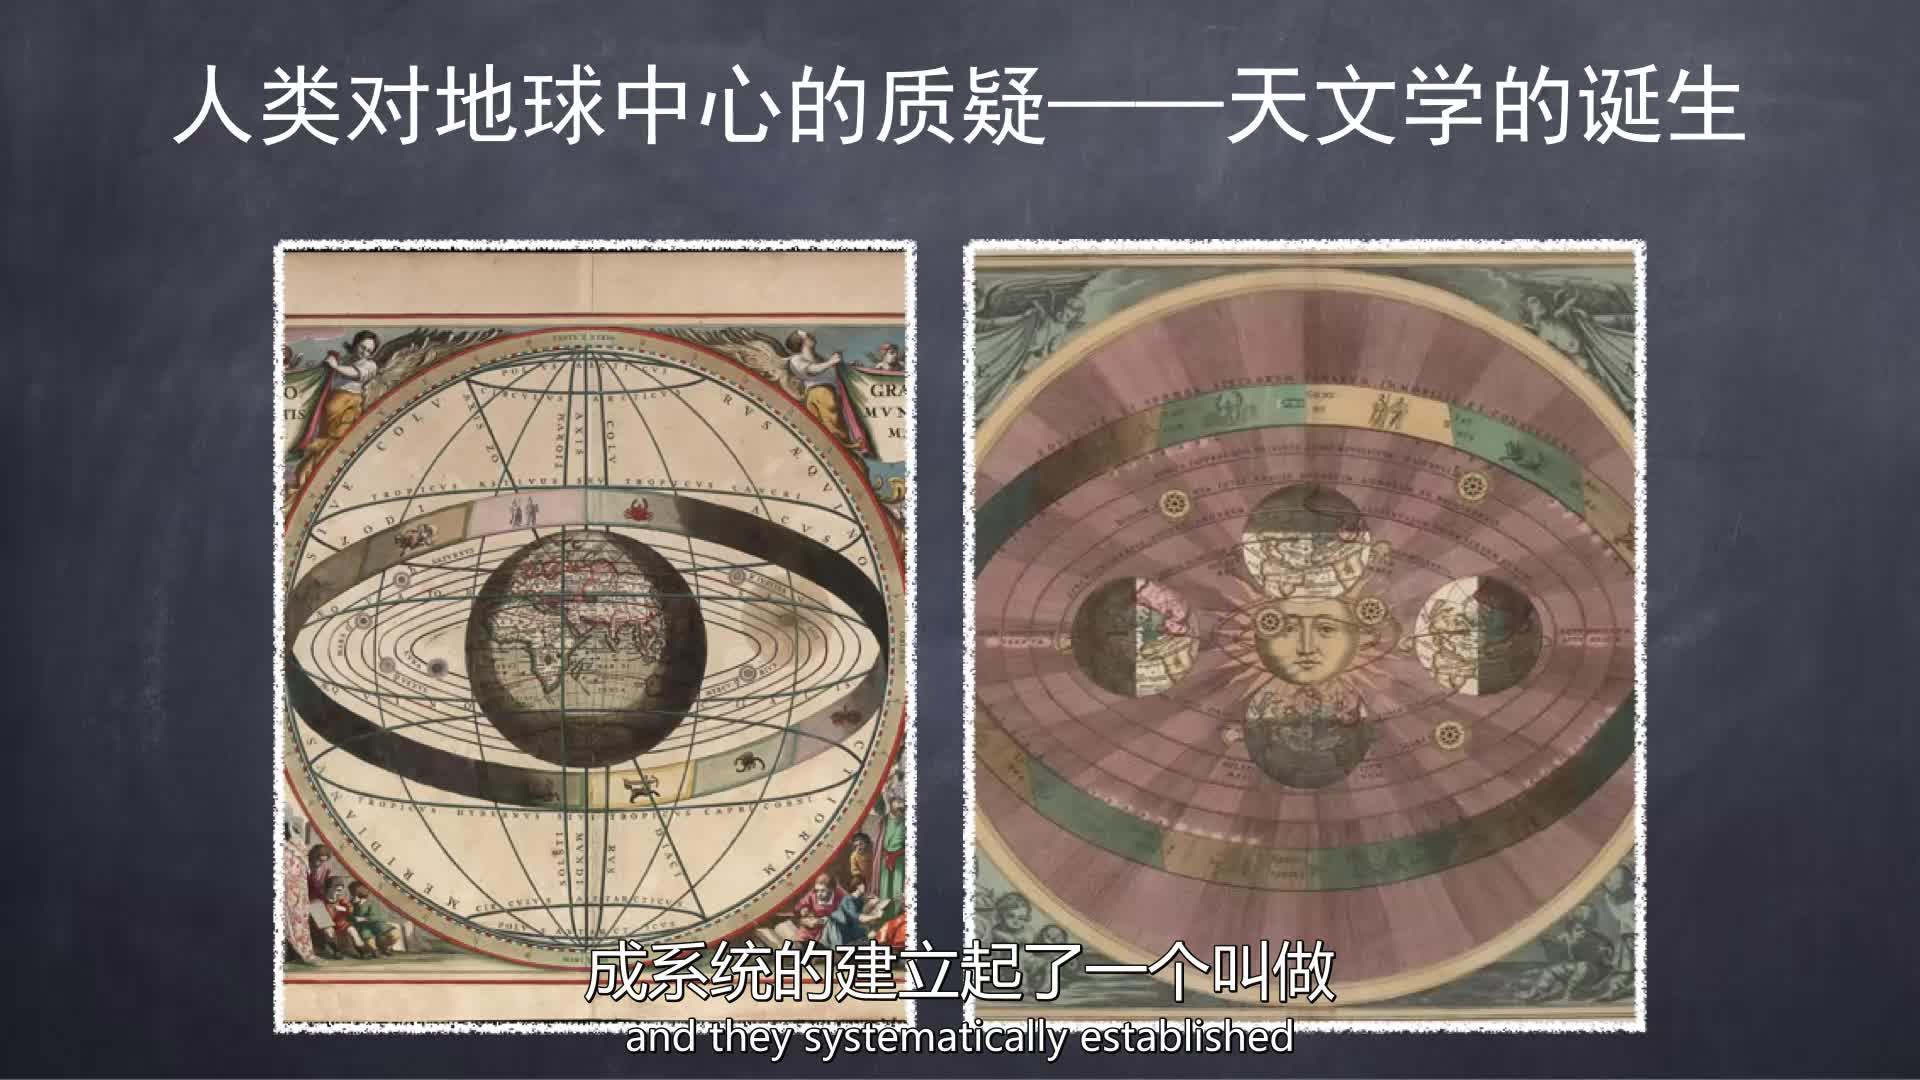 CC讲坛(科技):蔡一夫:《宇宙与生命智慧》